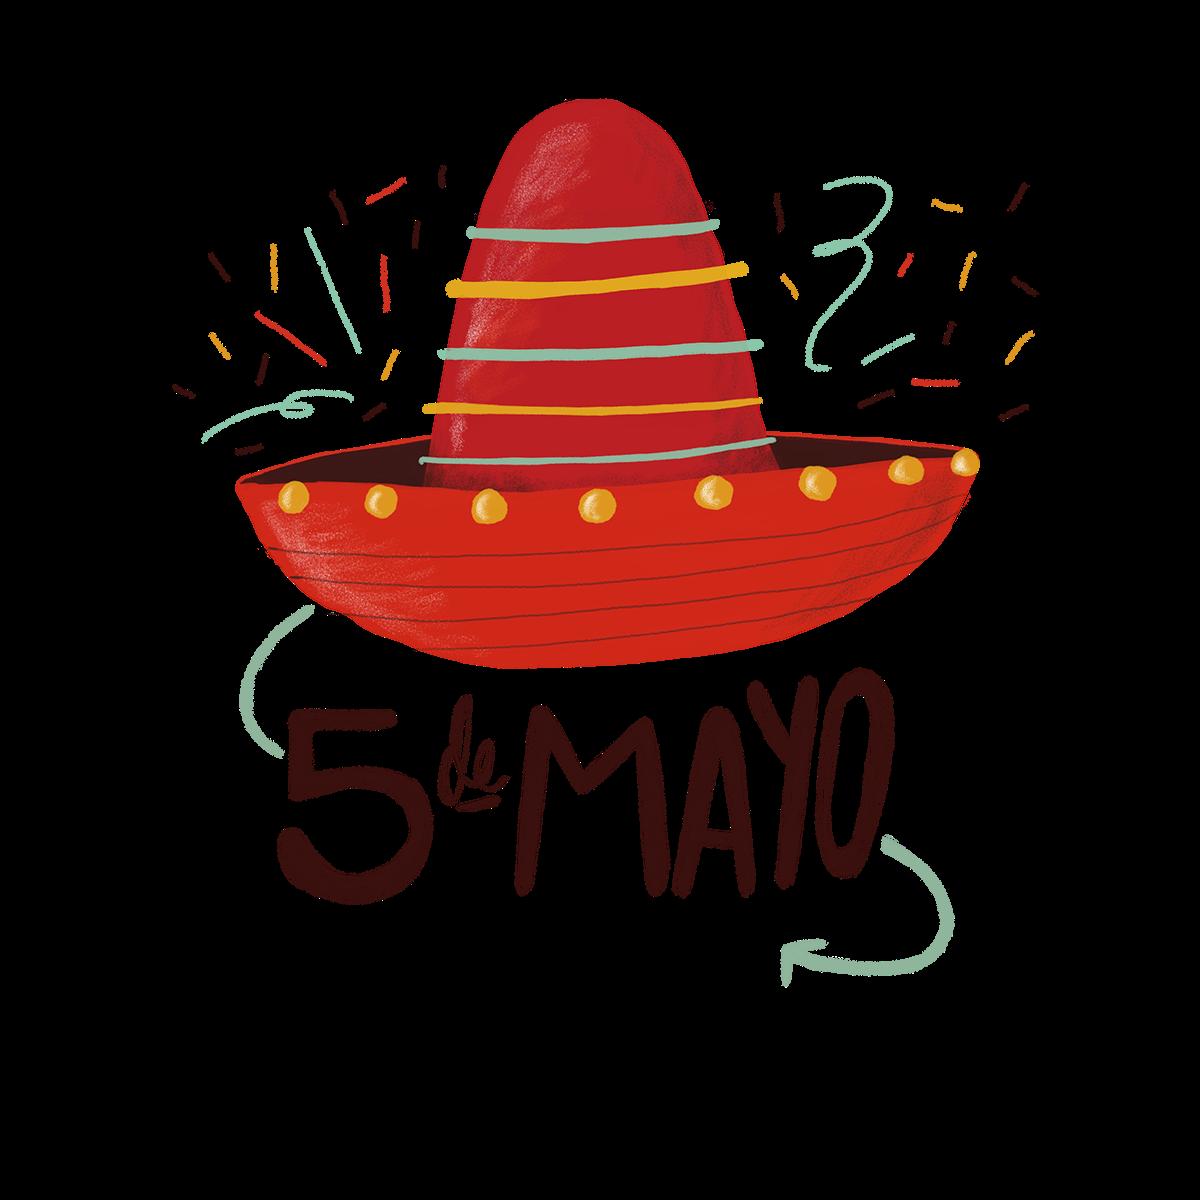 #5deMayo, la mexicanidad desde la creatividad visual ...